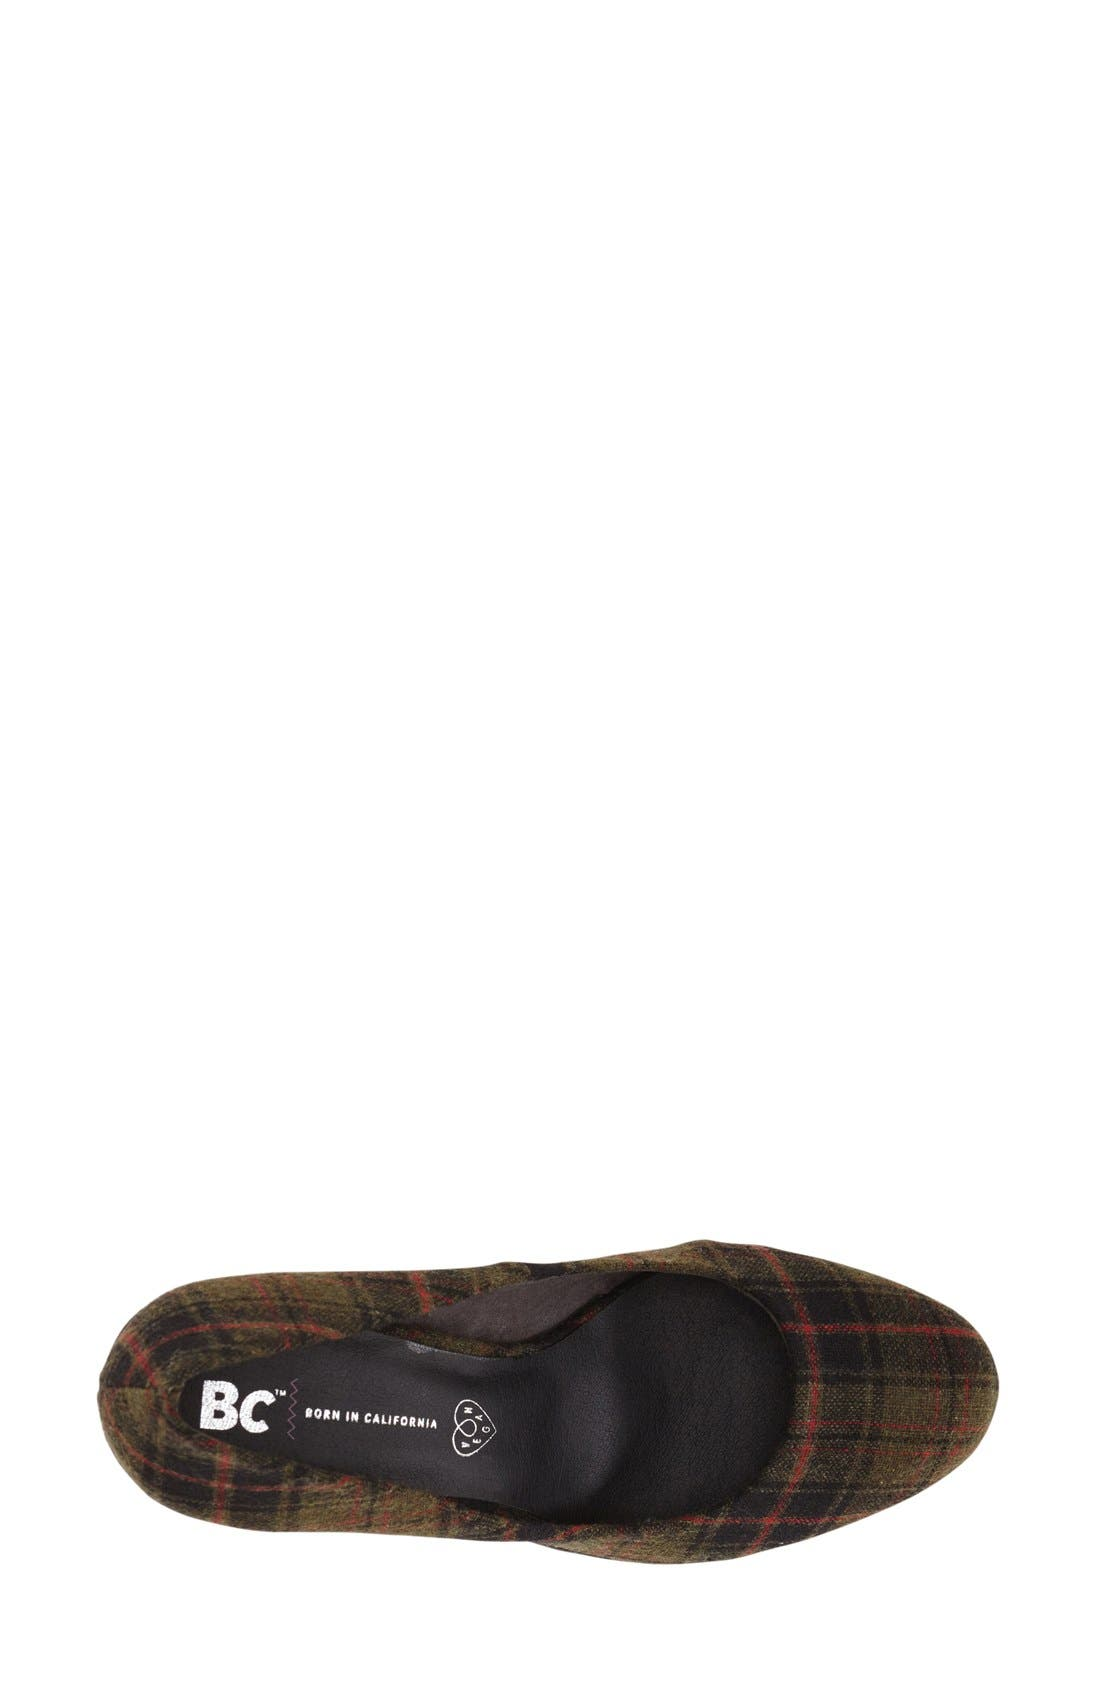 Alternate Image 3  - BC Footwear 'Turf' Pump (Women)